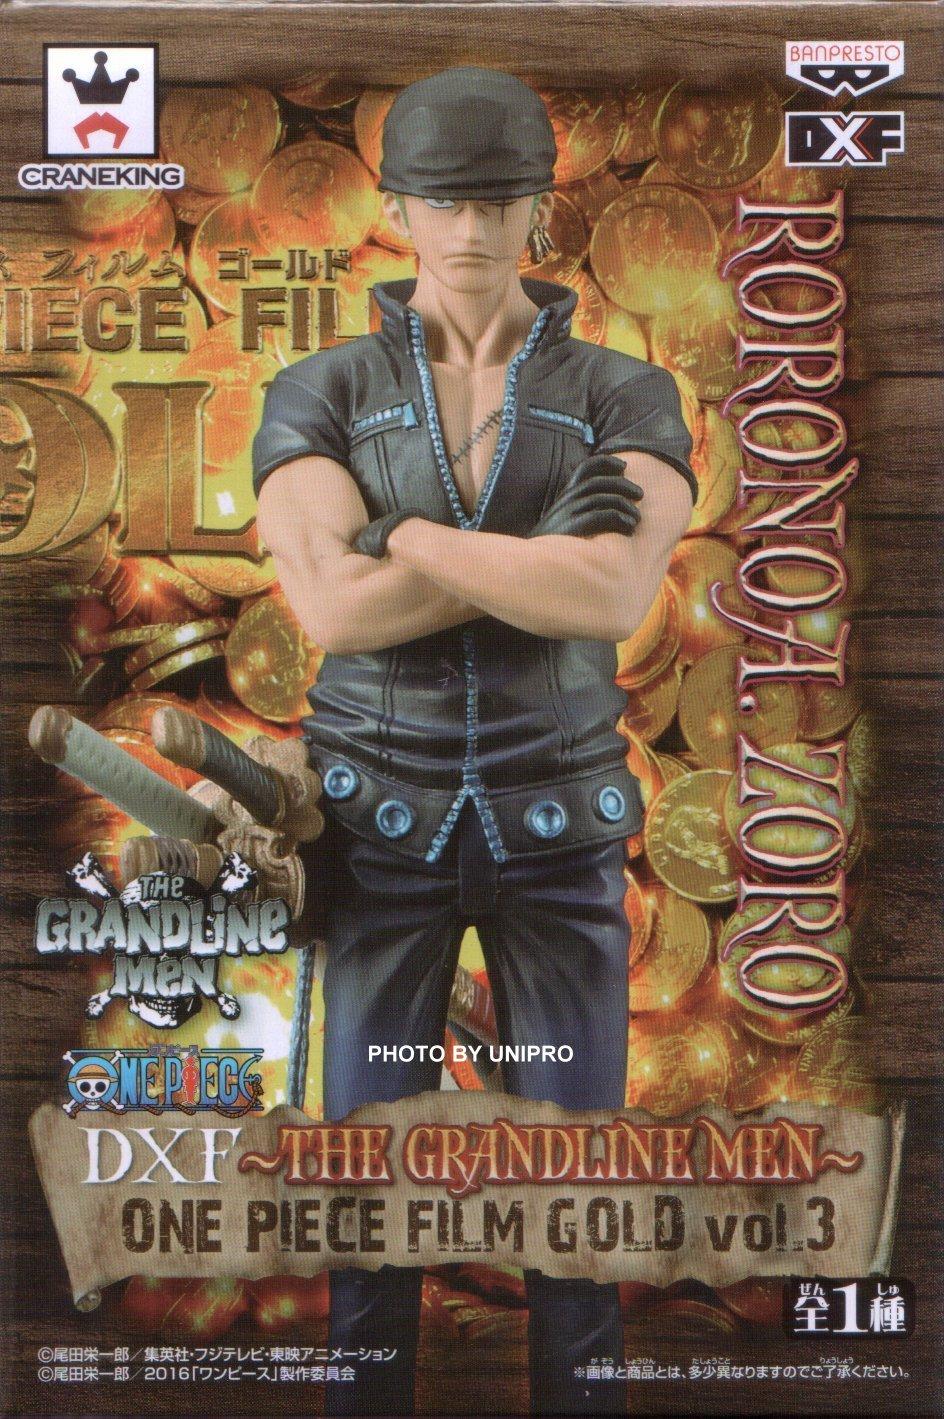 台灣代理版 電影版 DXF THE GRANDLINE MEN ONE PIECE FILM GOLD VOL.3 索隆 海賊王 航海王 公仔